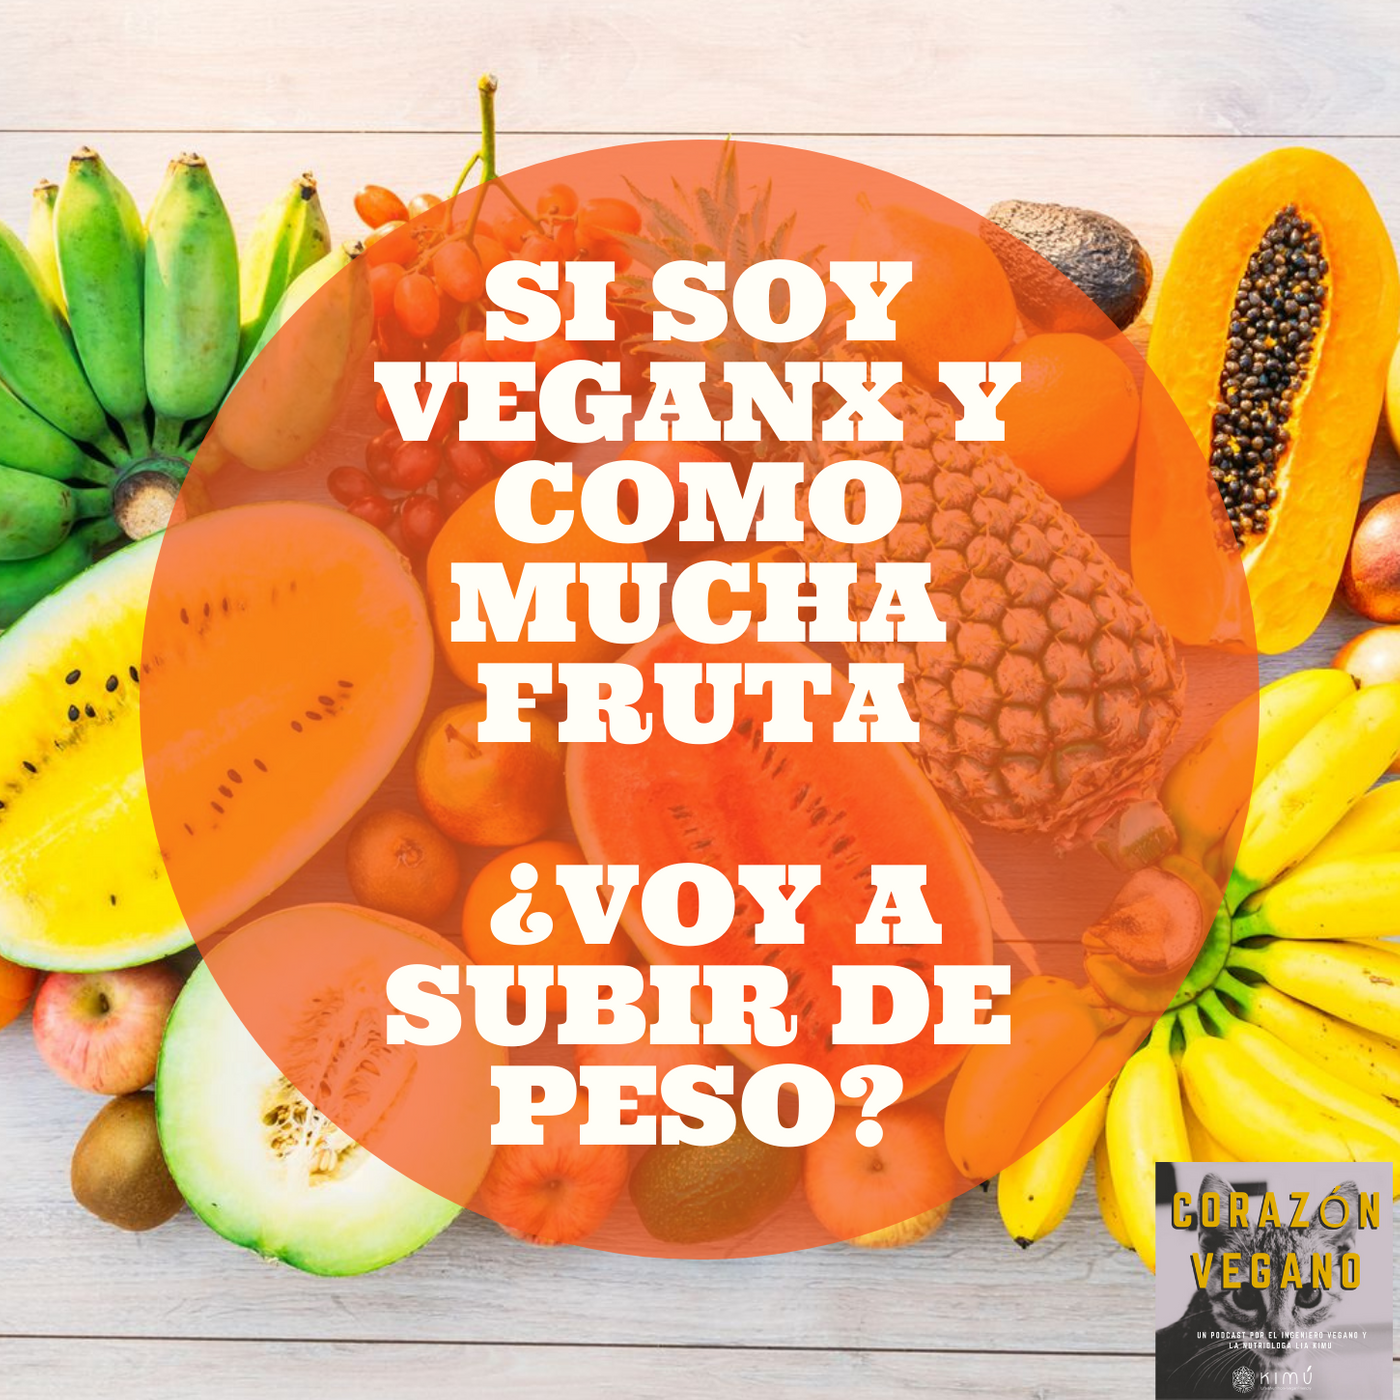 Ep.22 Si soy Veganx y como mucha fruta, ¿Voy a subir de peso?